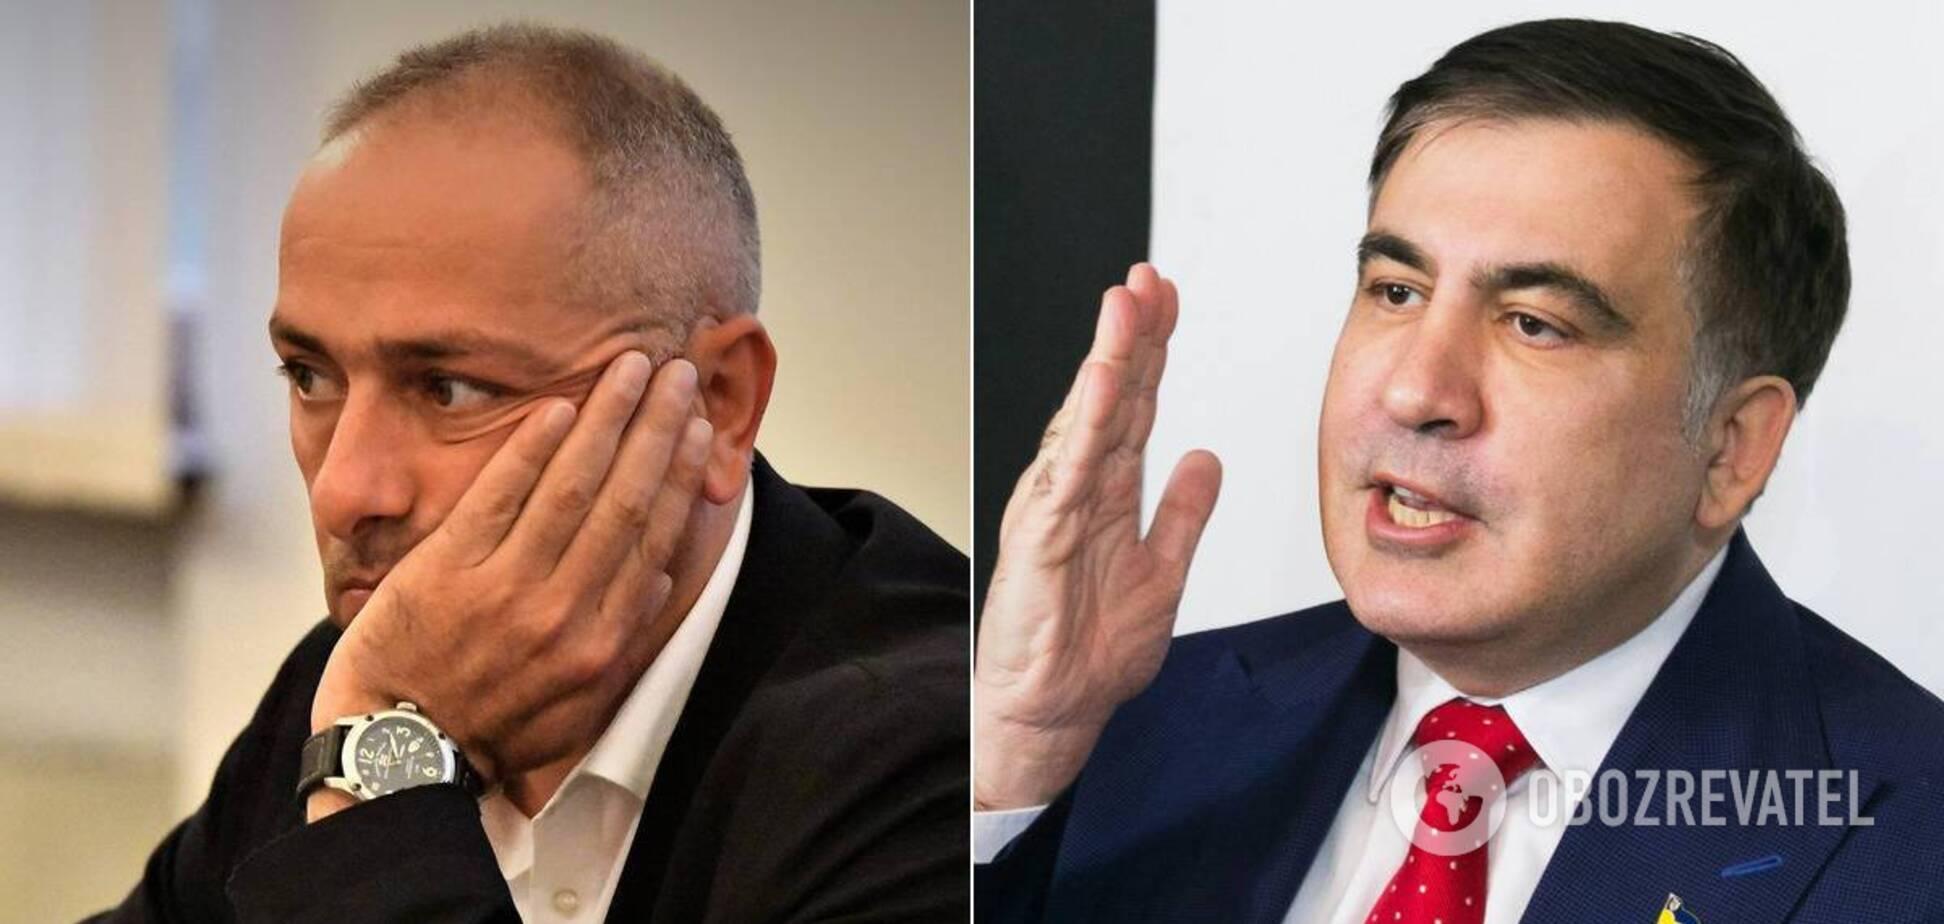 Саакашвілі назвав уряд Грузії 'нелегітимним': від України зажадали пояснень